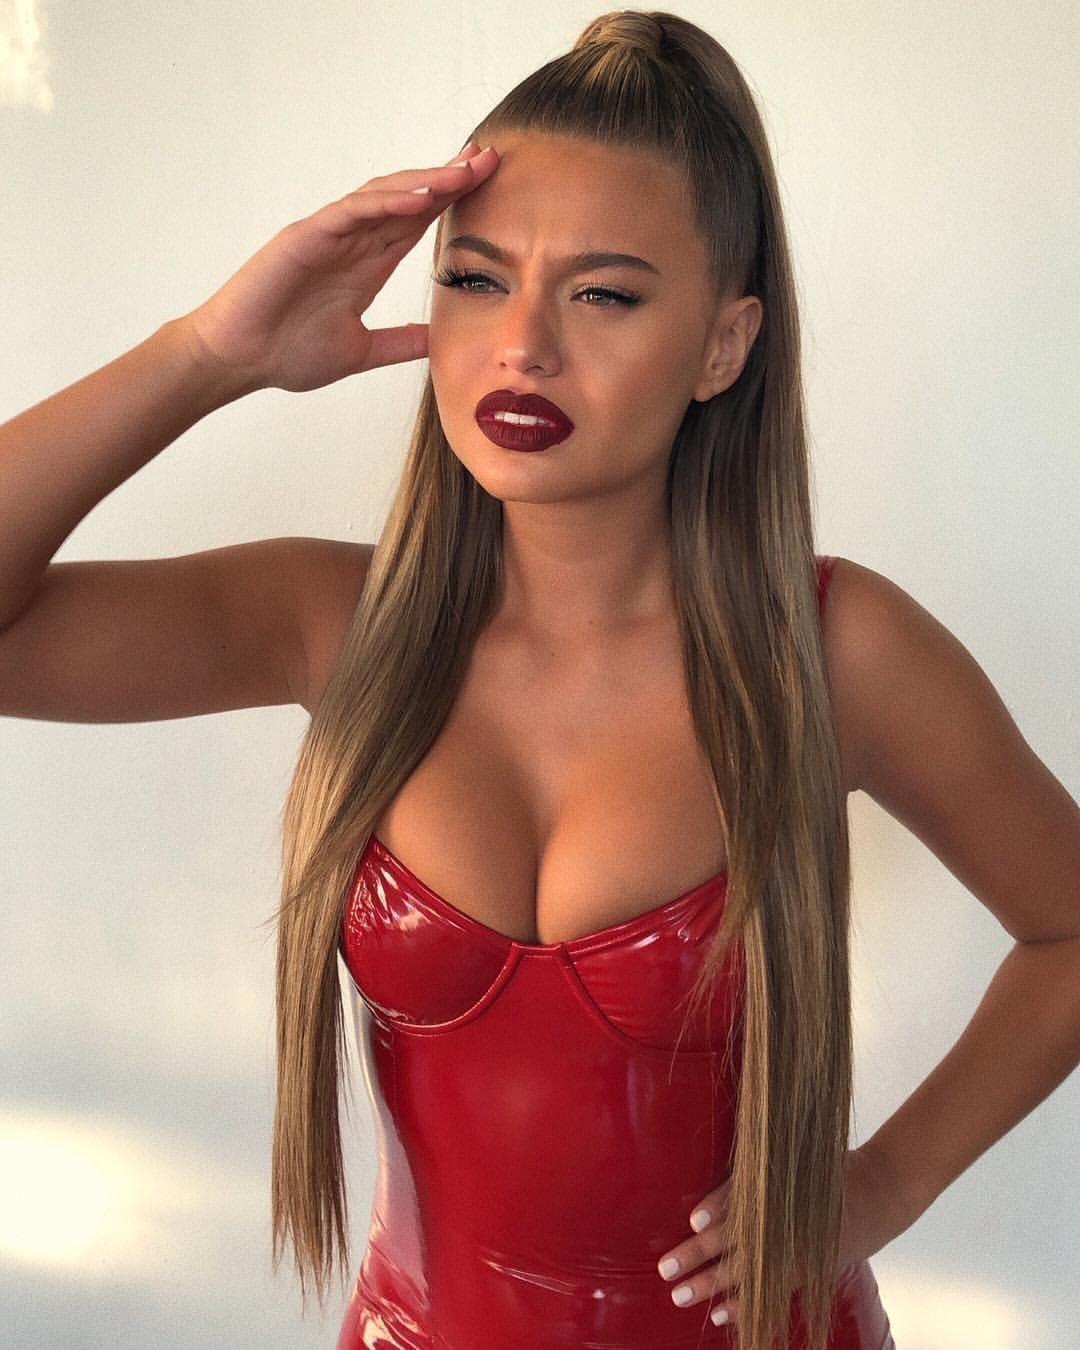 Bikini Lauren Pisciotta nudes (61 foto and video), Topless, Hot, Selfie, panties 2020